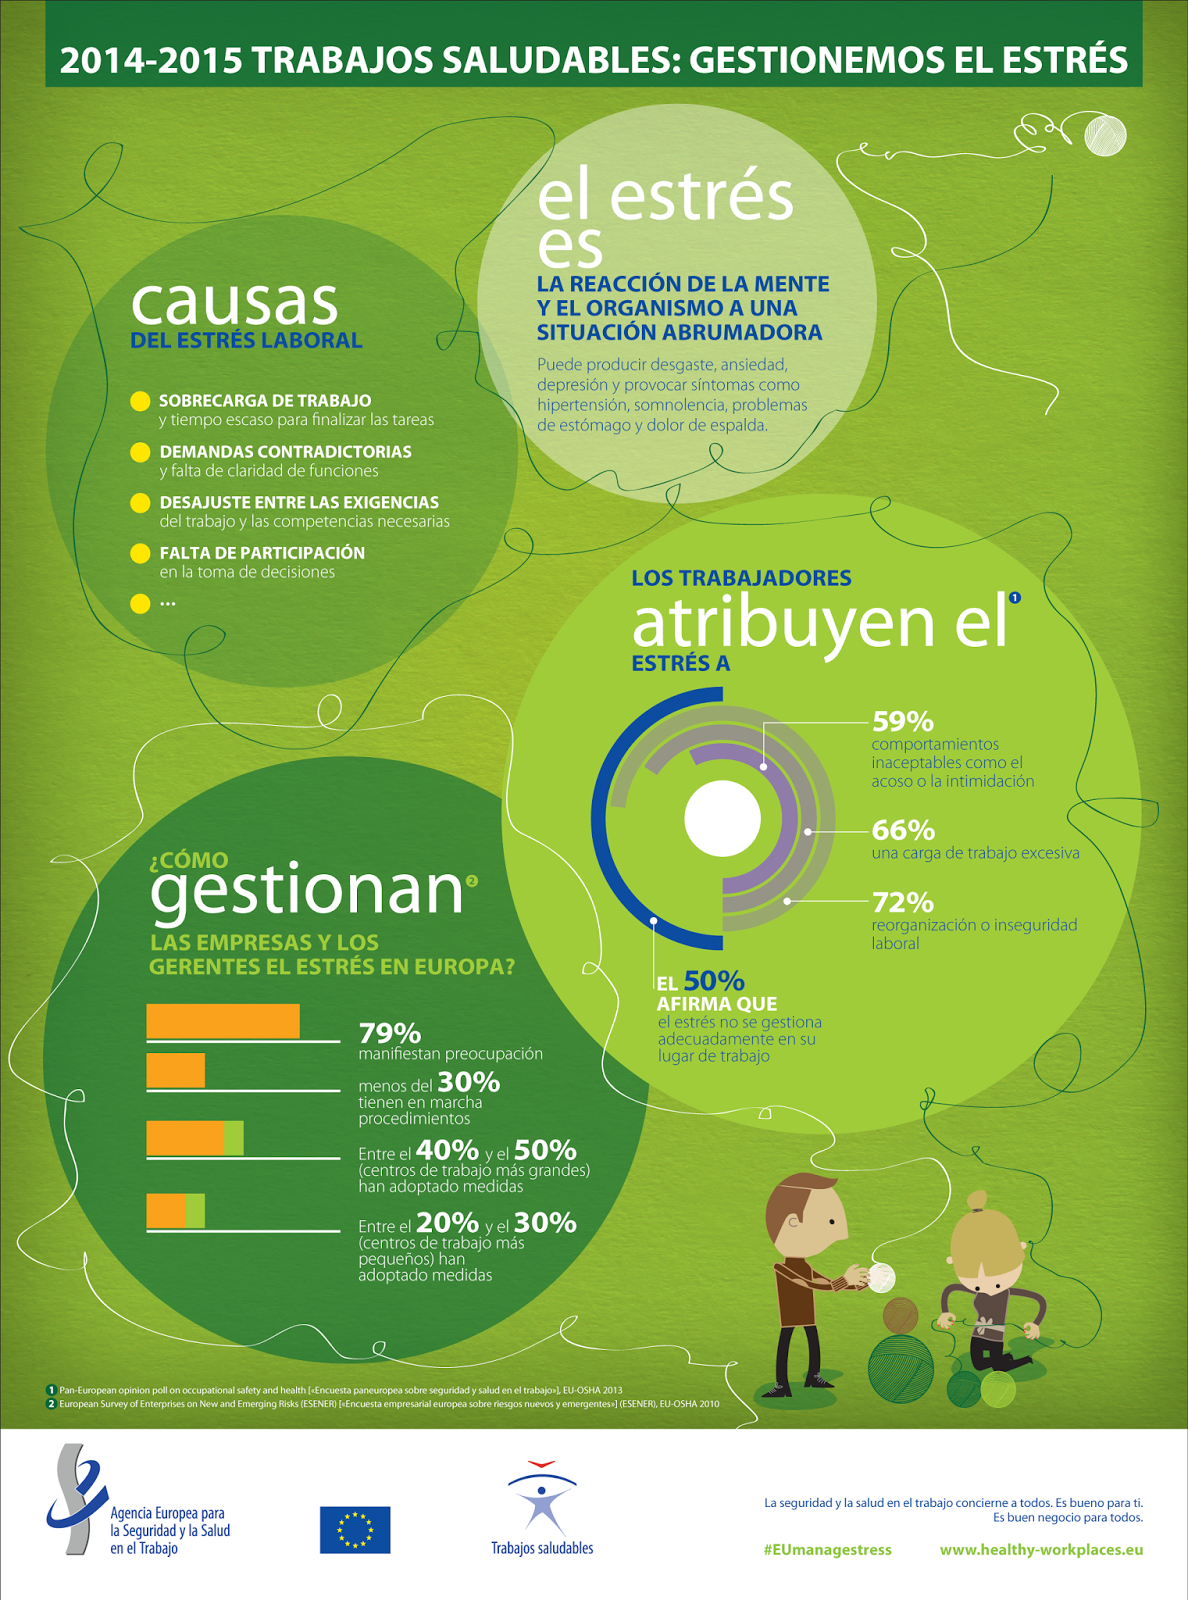 infographic_1_ES_v11